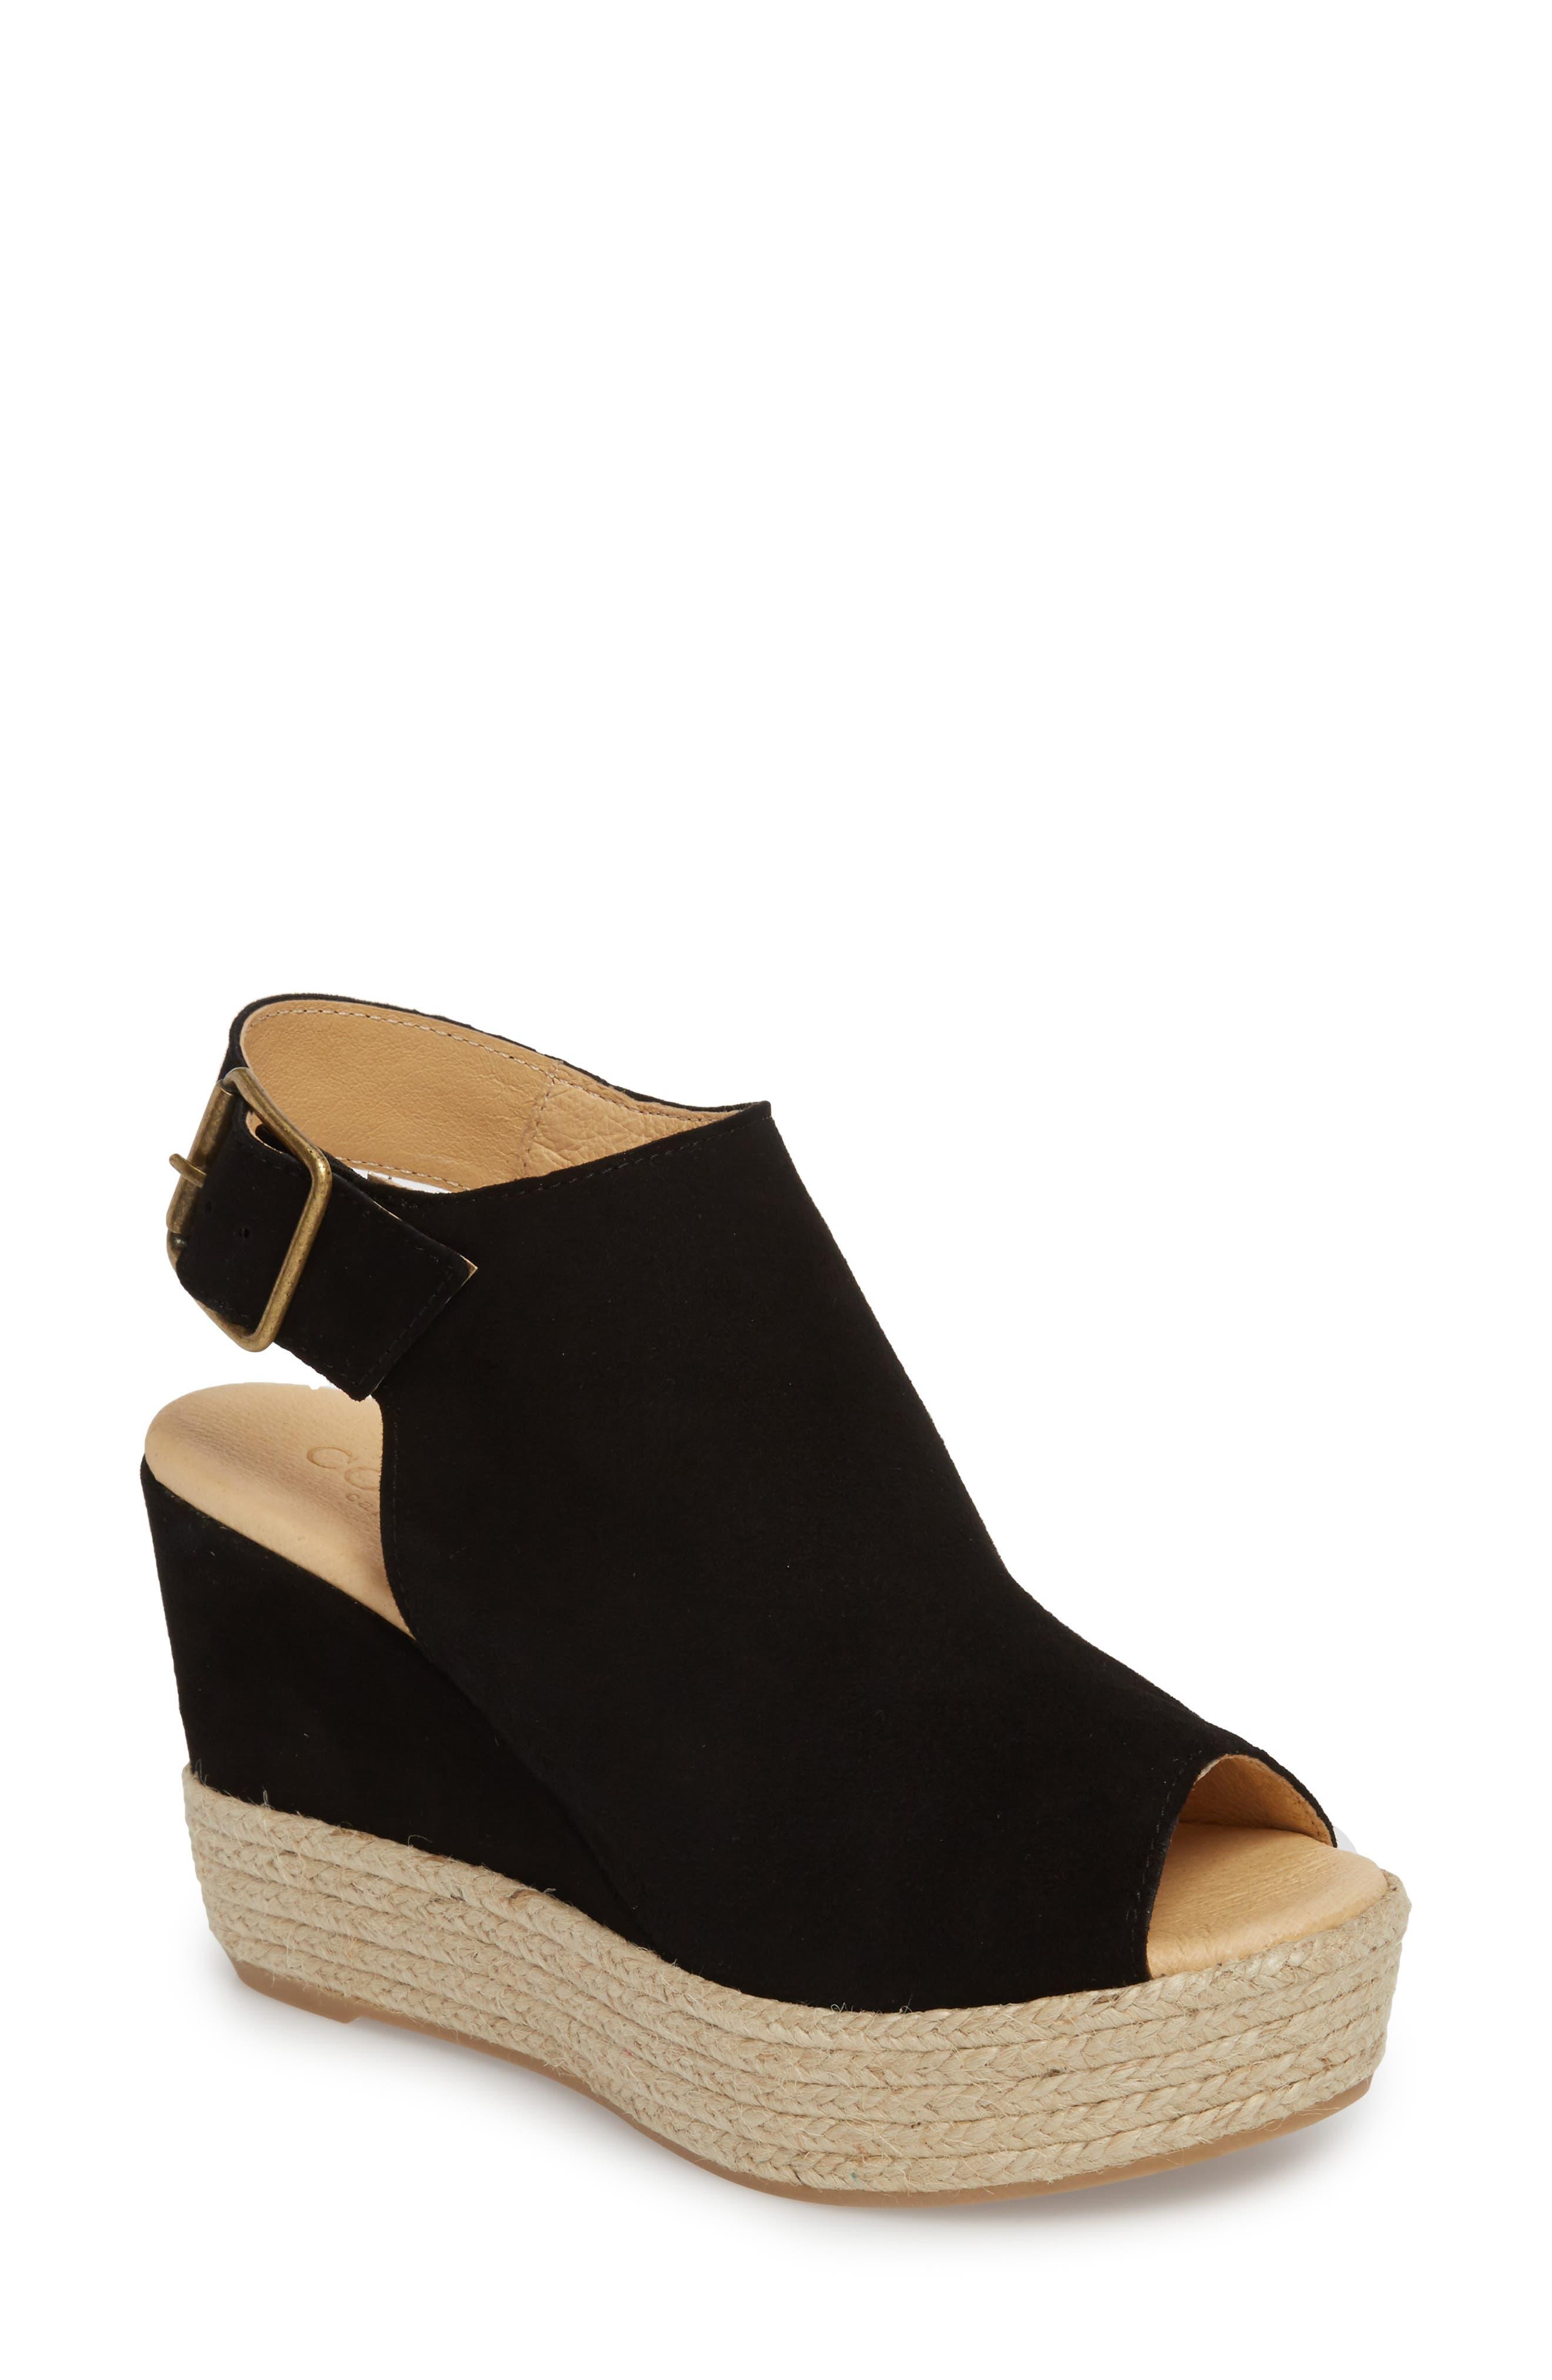 Elisse Epadrille Wedge Sandal,                         Main,                         color, BLACK SUEDE